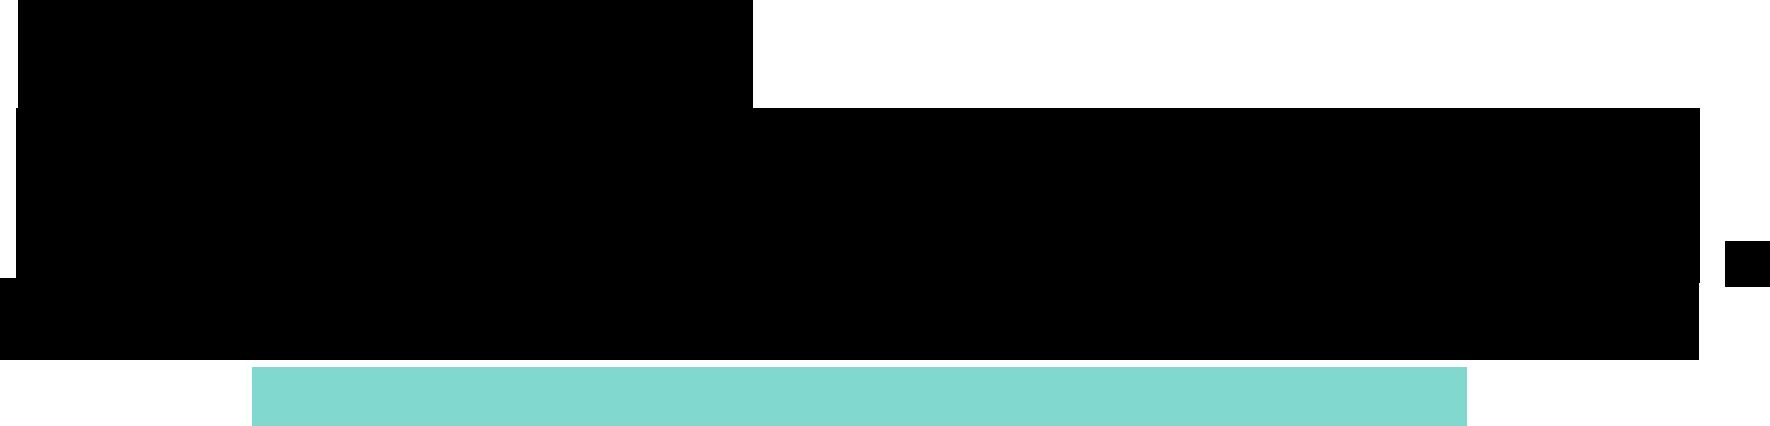 Debbie De Grotes Excelleum Logo 9.2.14 (1).png